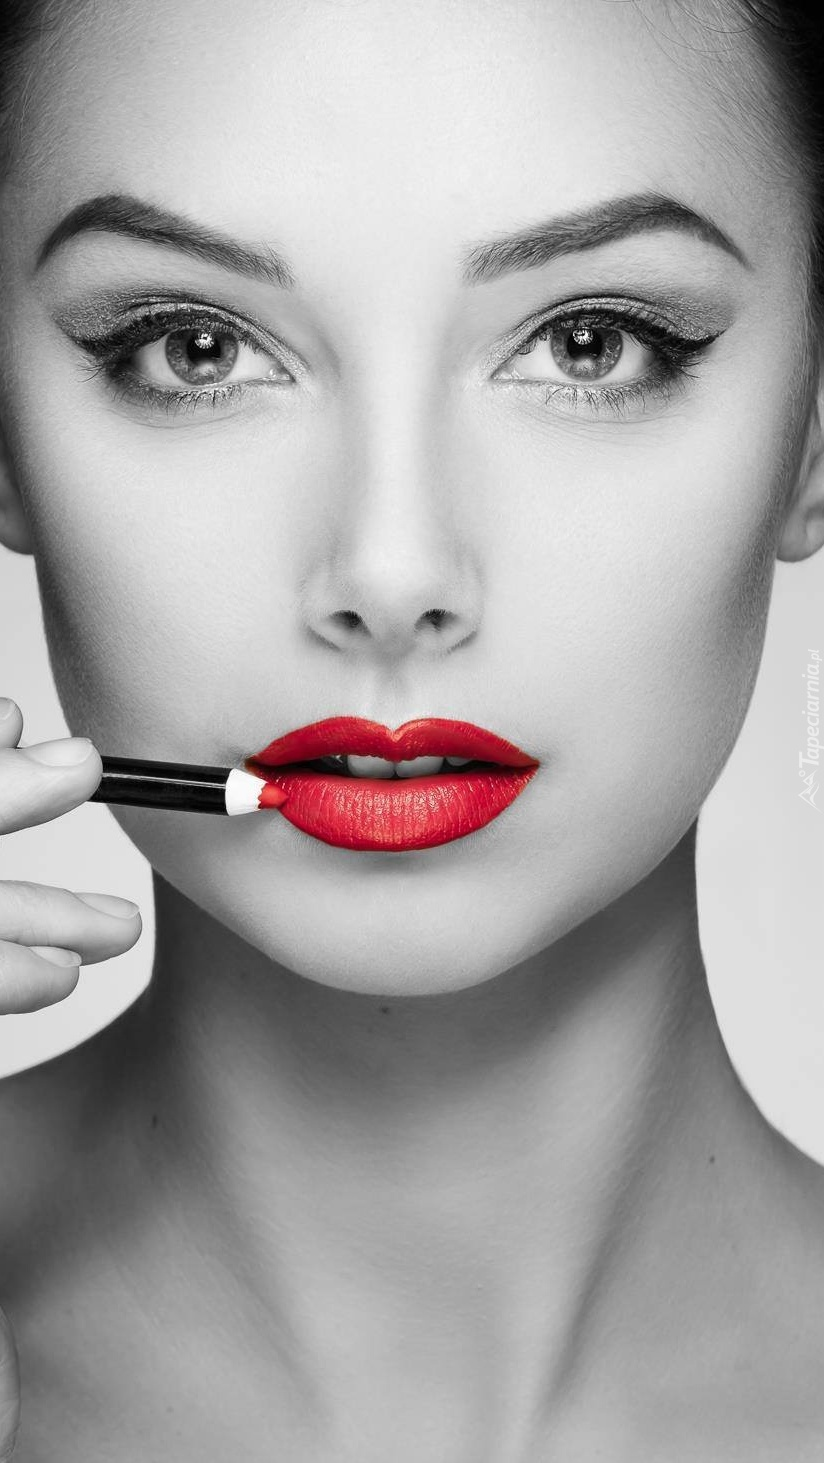 Twarz kobiety o wyraziście czerwonych ustach